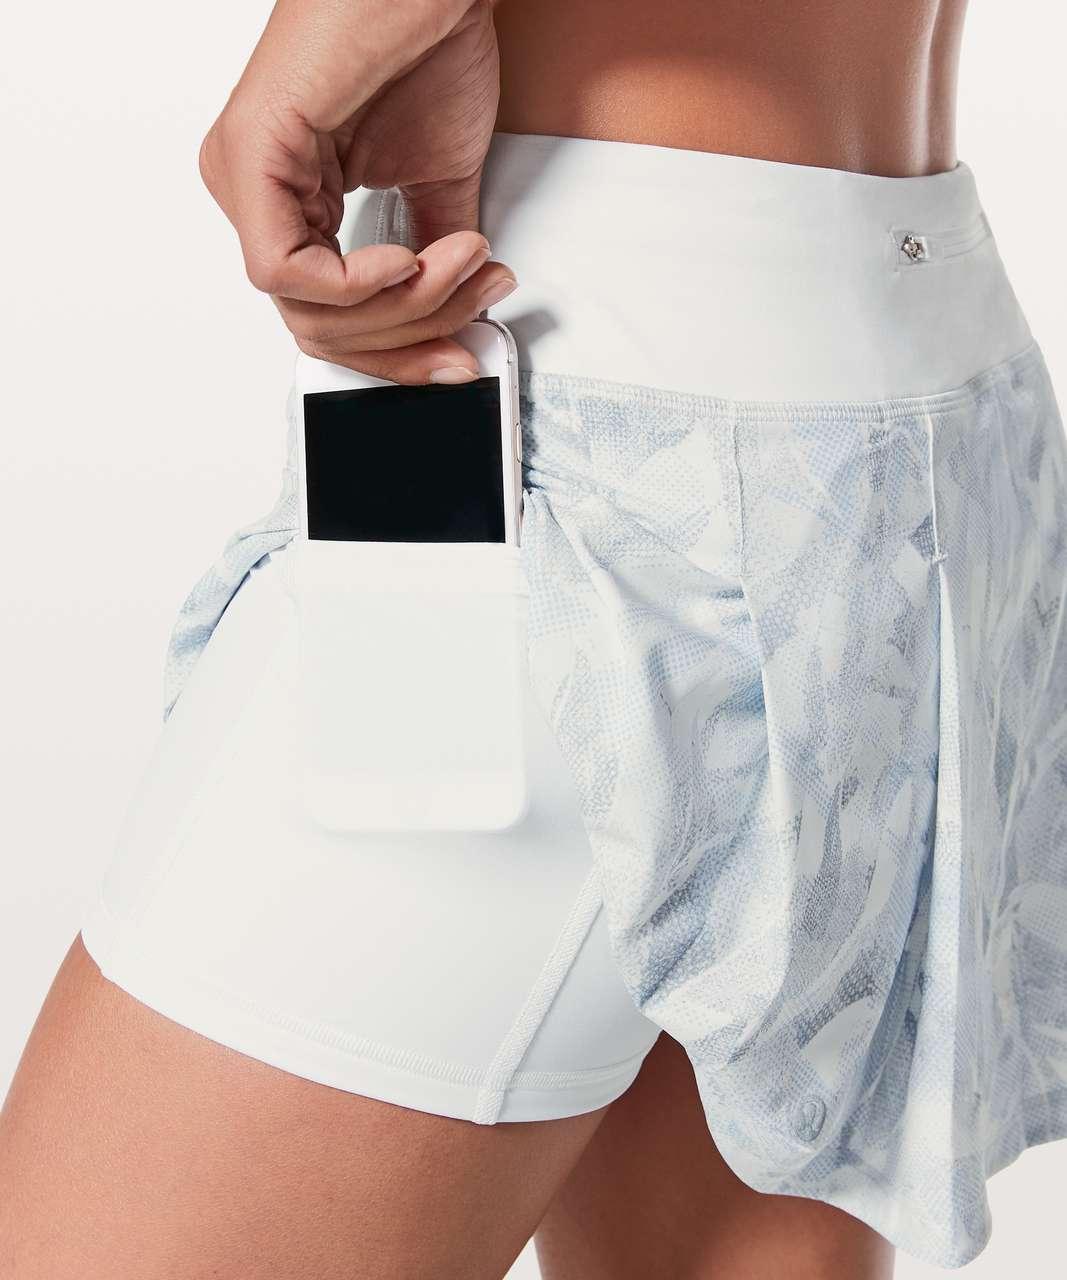 Lululemon Pace Rival Skirt (Regular) *No Panels - Jasmine White Multi / White